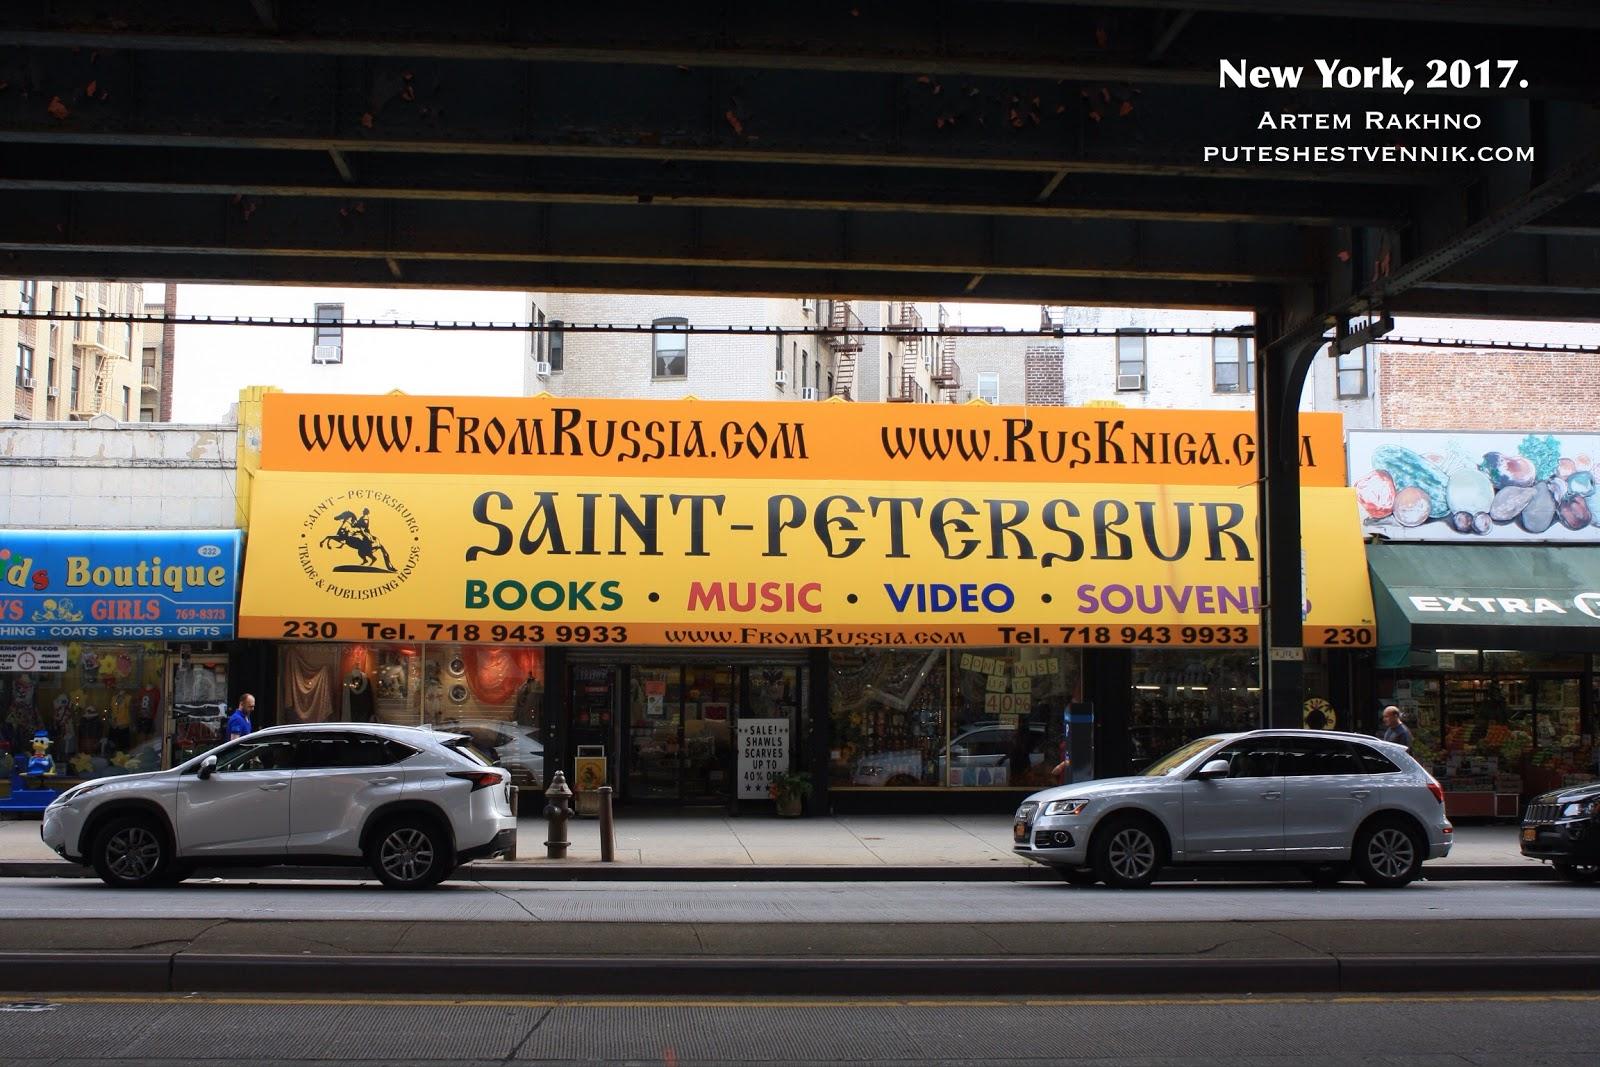 Магазин Санкт-Петербург в Нью-Йорке